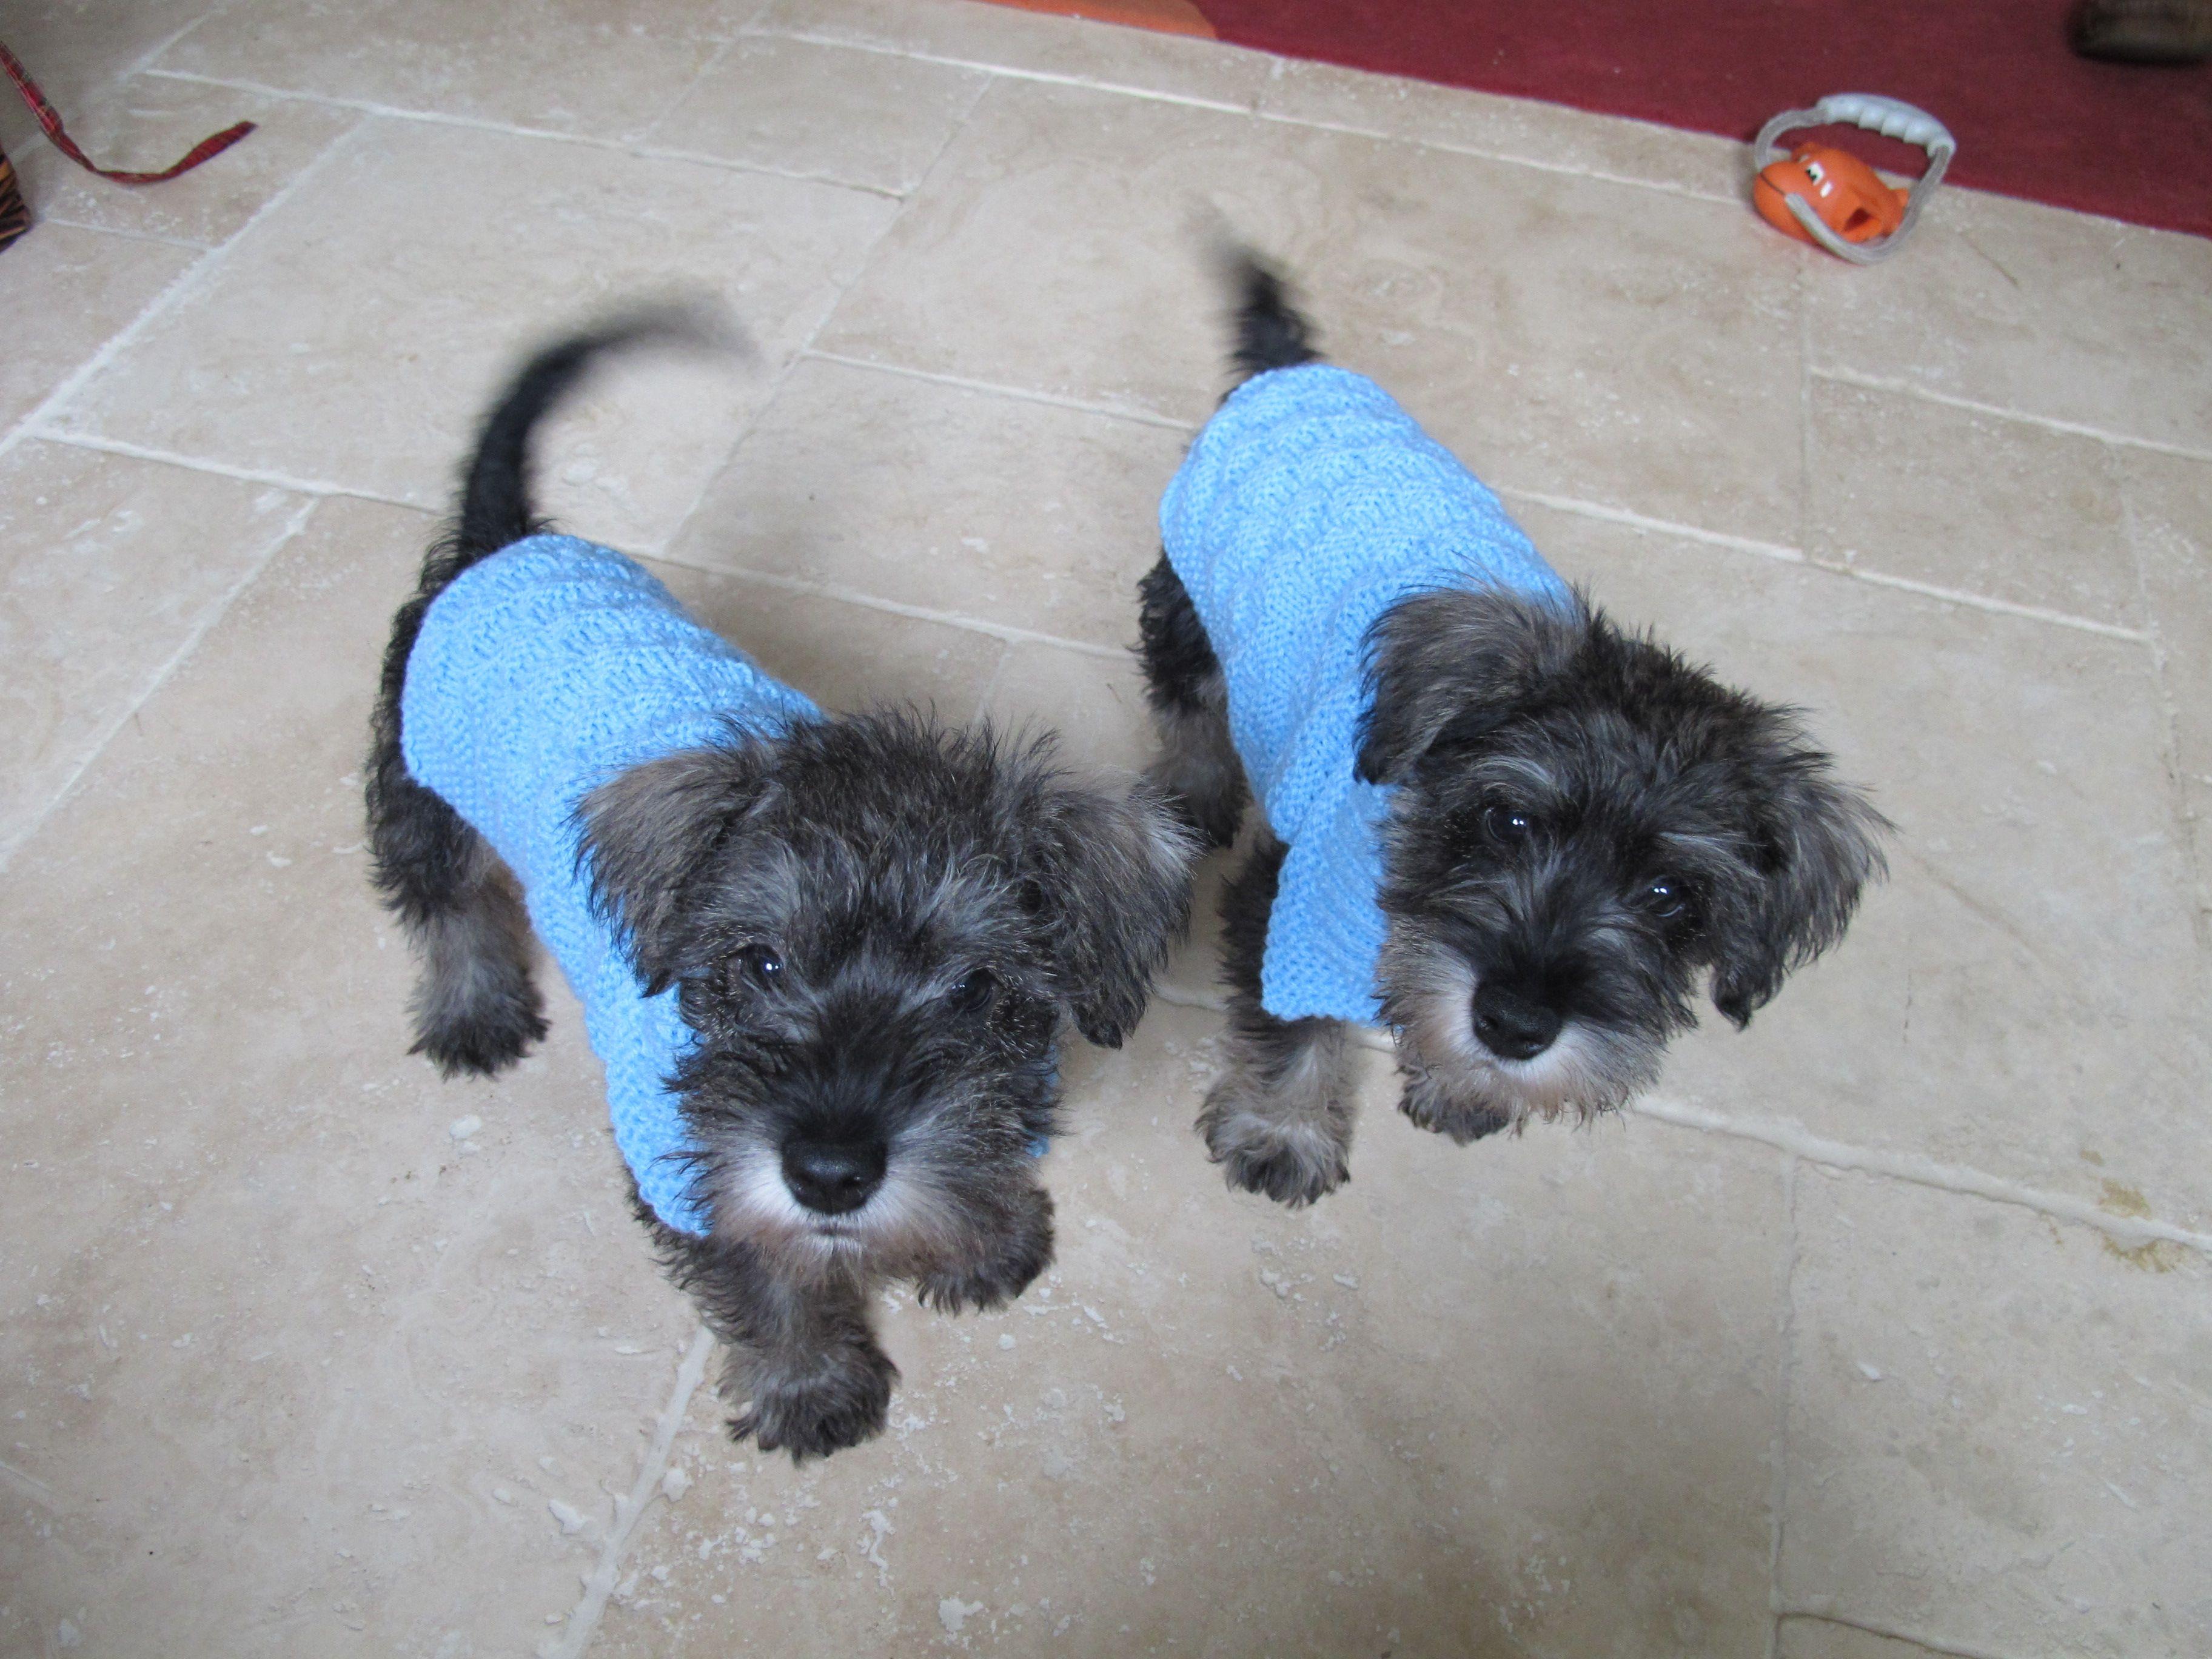 Mini Schnauzer Puppies Aged 8 Weeks | Schnauzer puppy ...